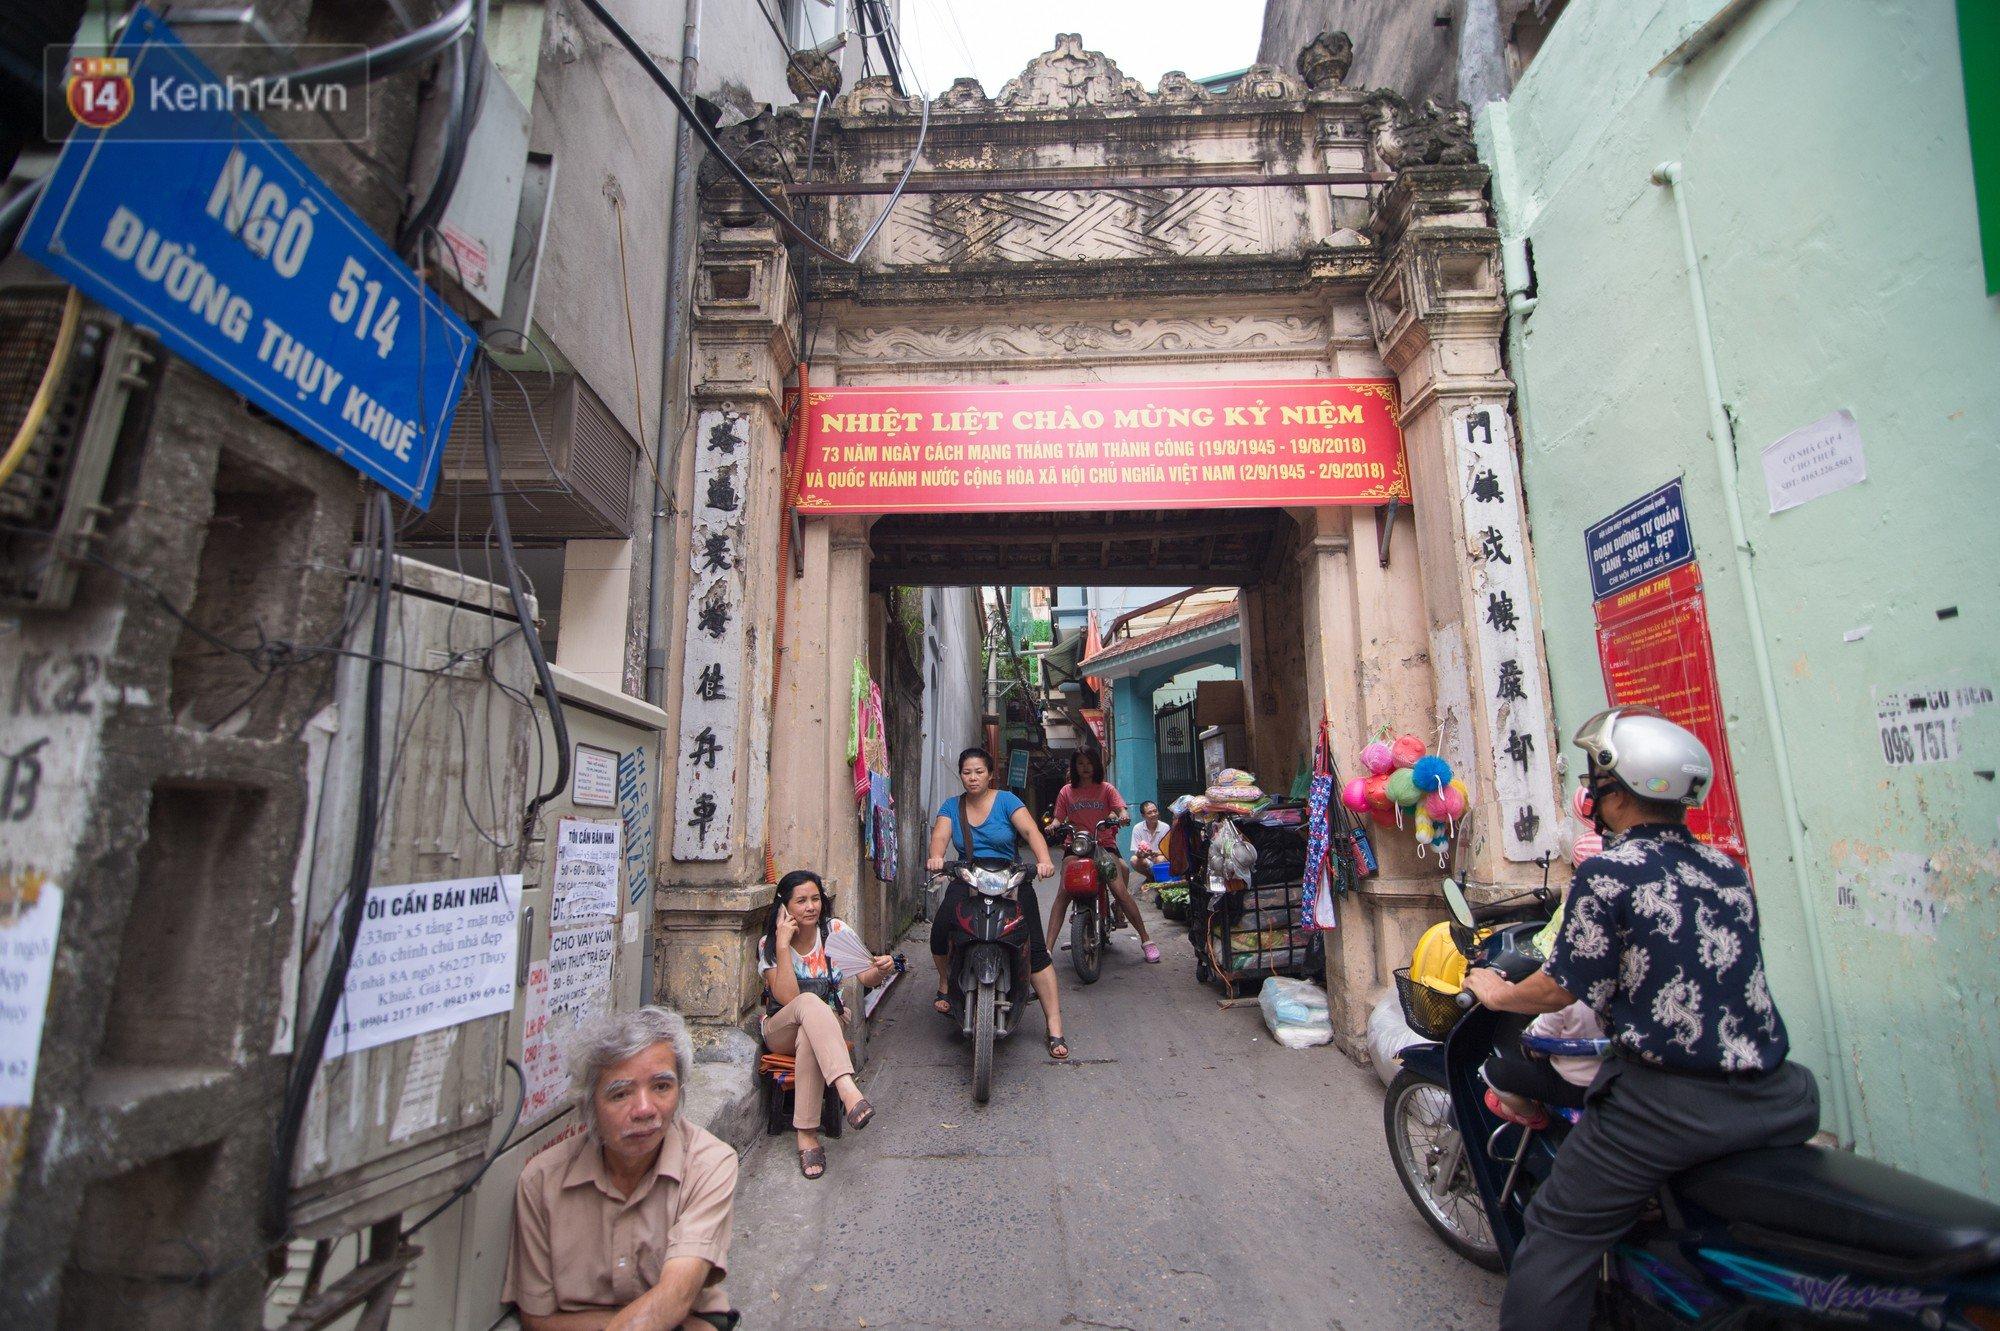 Chuyện về một con phố có nhiều cổng làng nhất Hà Nội: Đưa chân qua cổng phải tôn trọng nếp làng 6